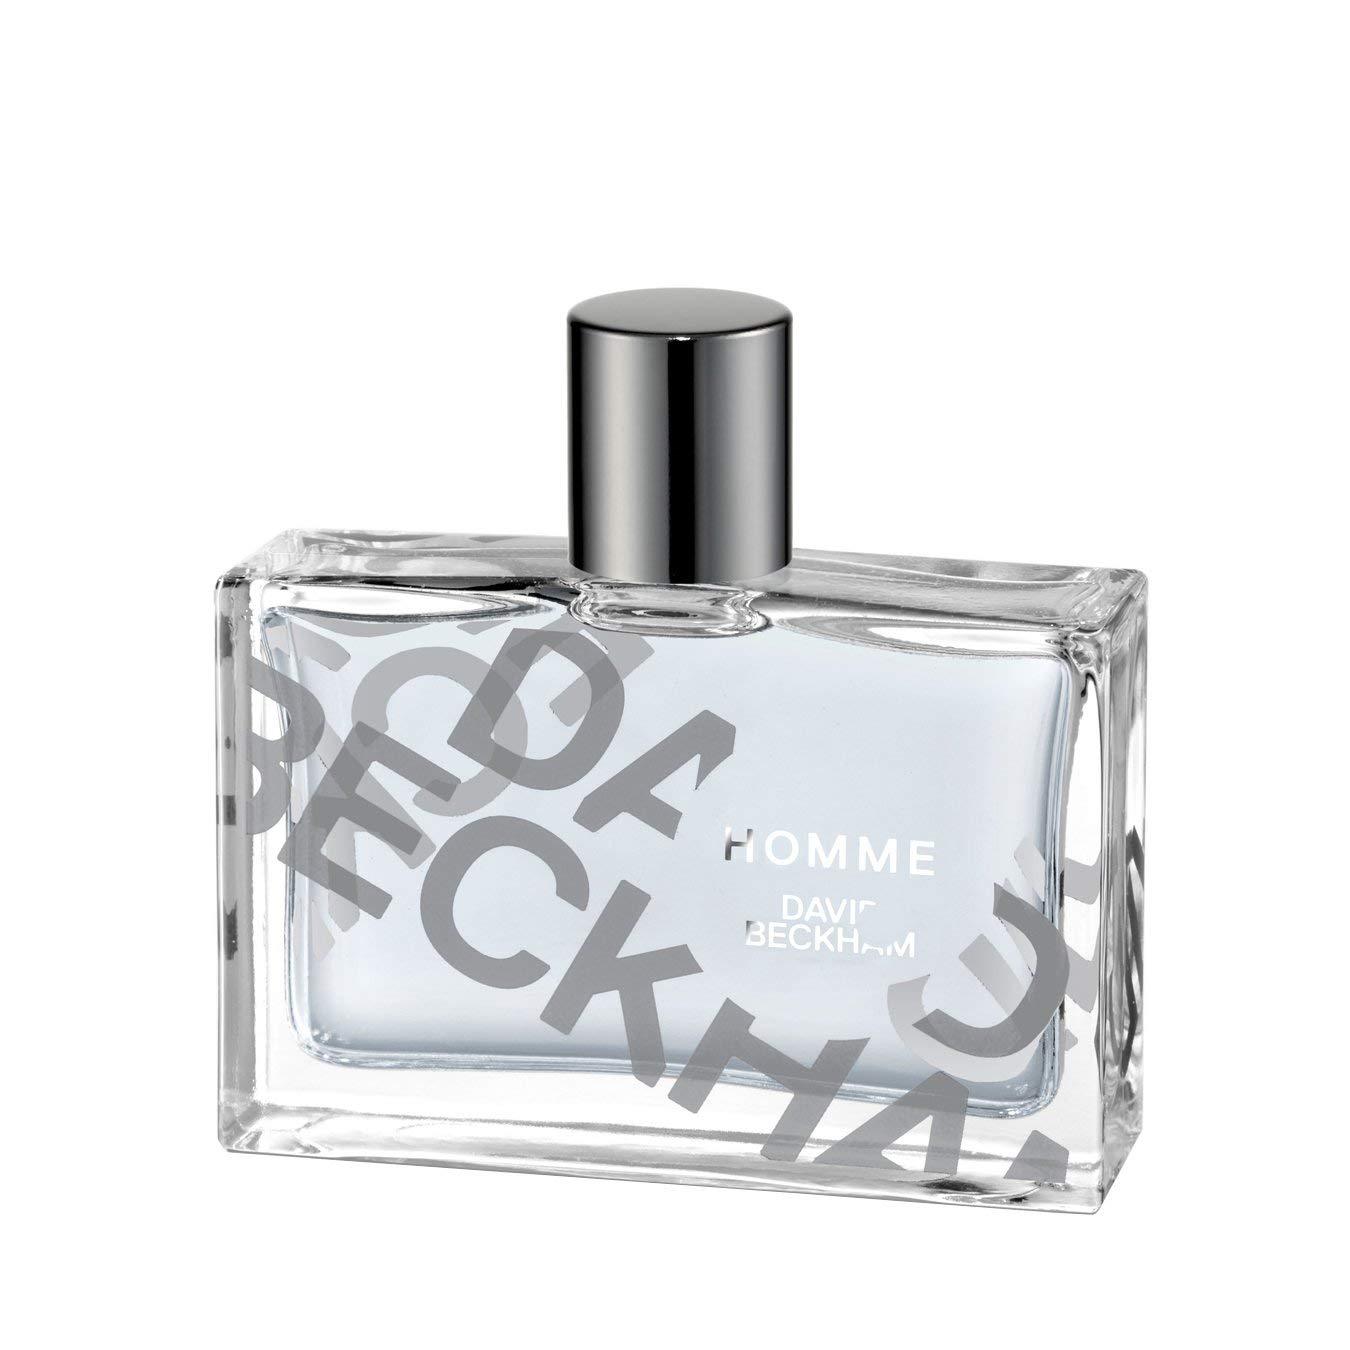 DAVID BECKHAM Homme Fragrance Aftershave Lotion for Men, 50 ml